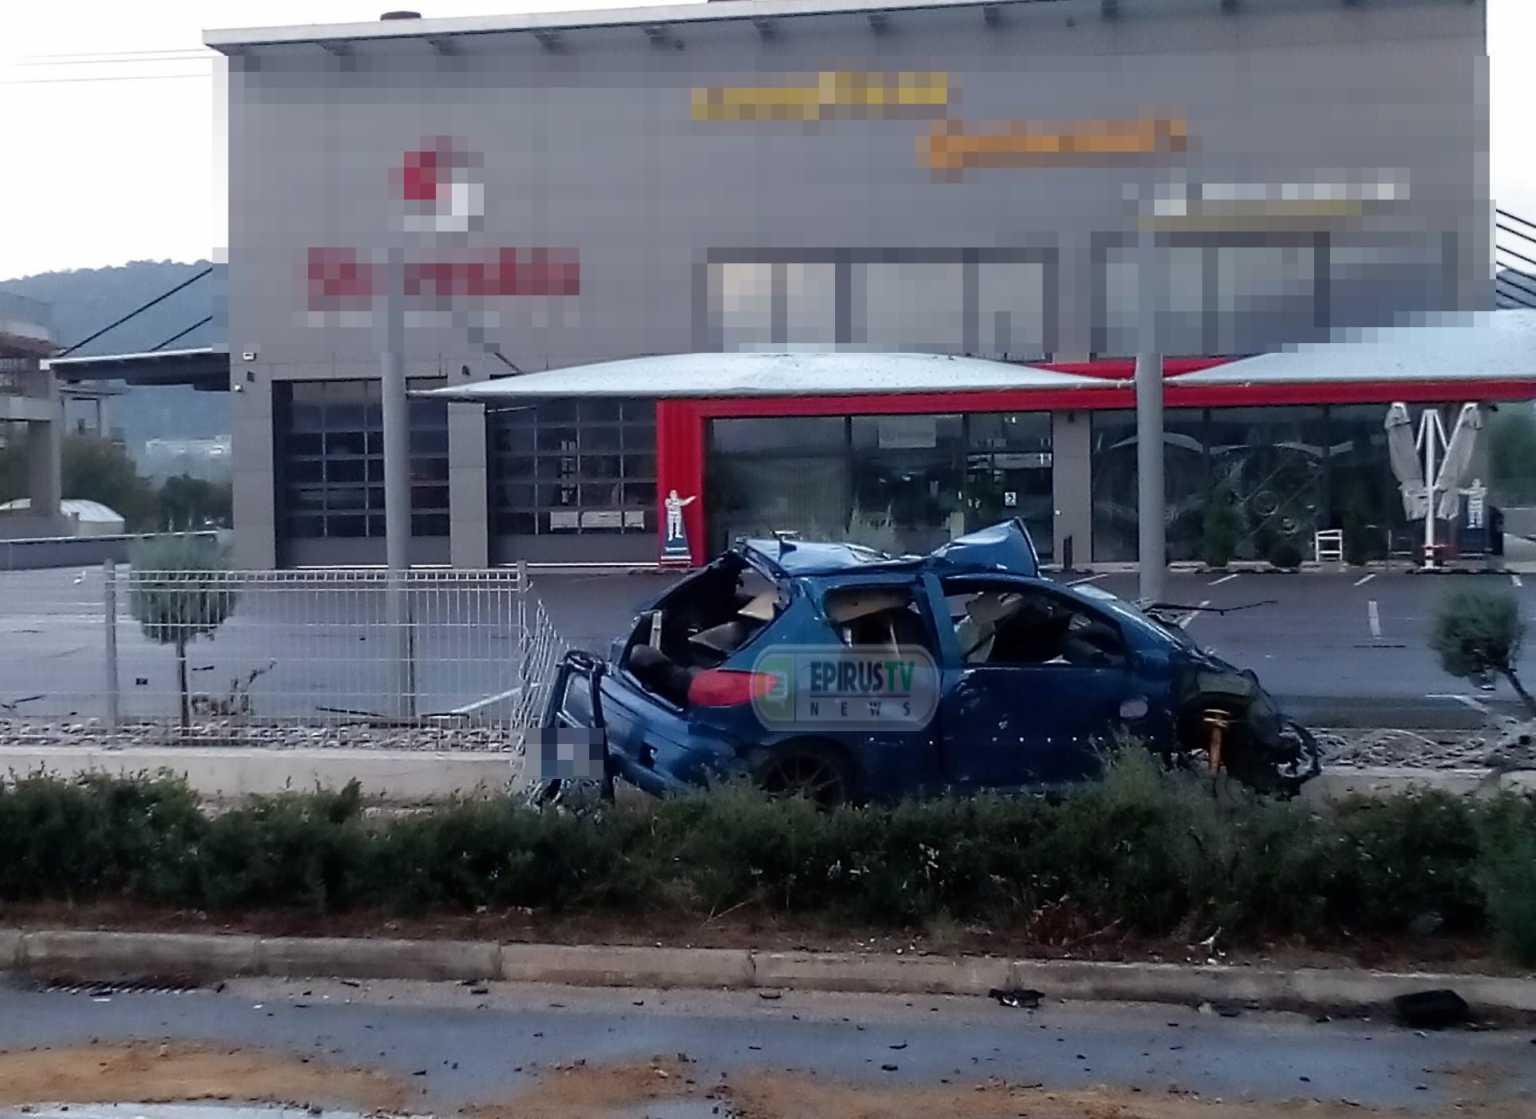 Τραγωδία στα Γιάννενα: Σκοτώθηκε νεαρός οδηγός σε τροχαίο – Διαλύθηκε το αυτοκίνητο